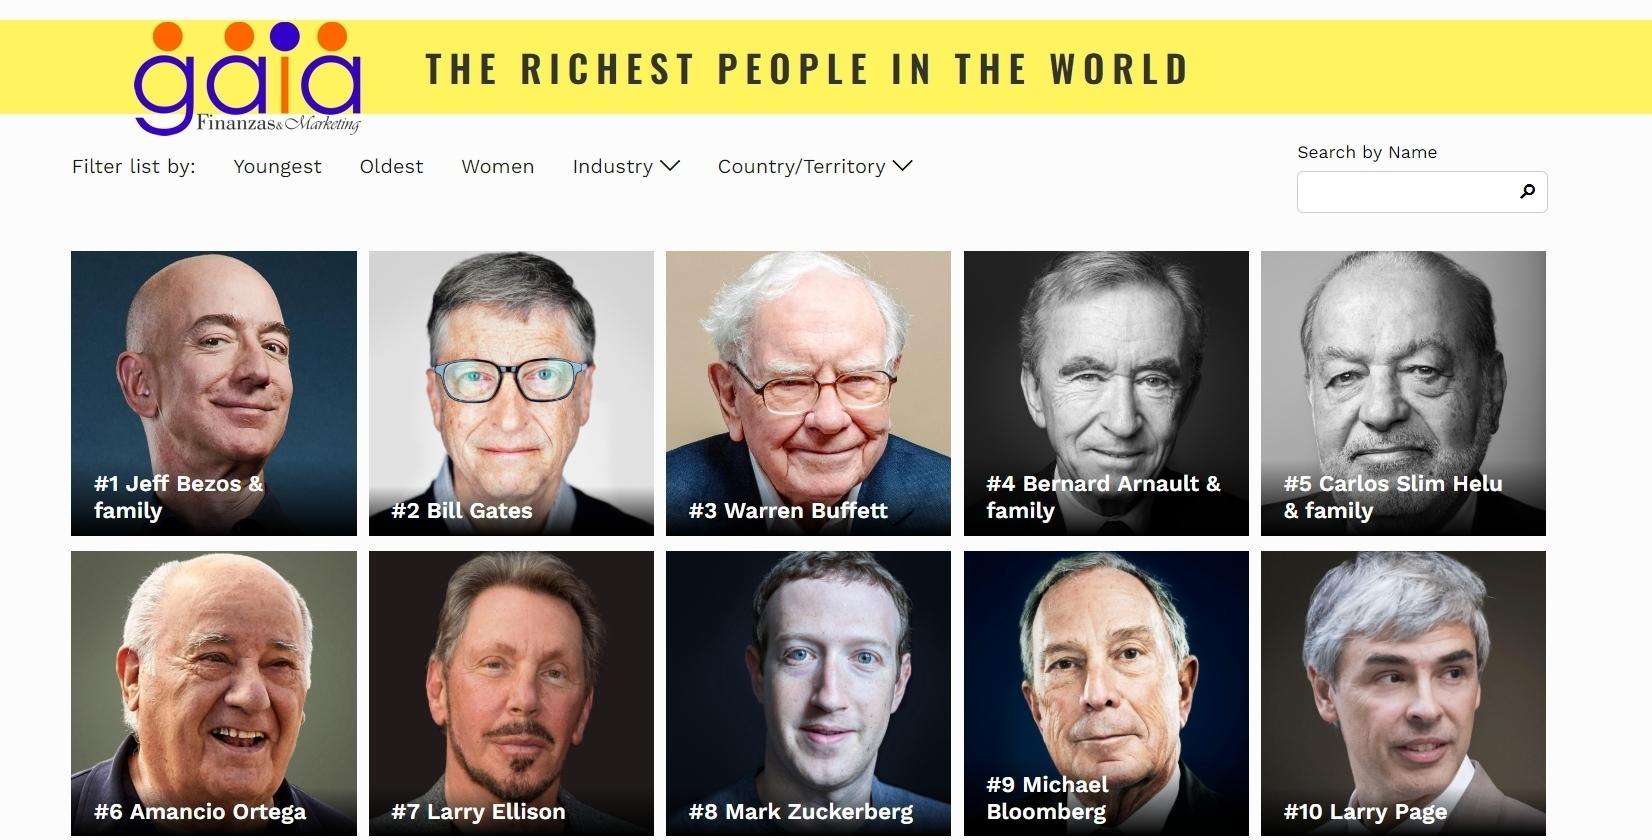 Los hombres más ricos del mundo 2019 - 2020 segun forbes gaia servicios